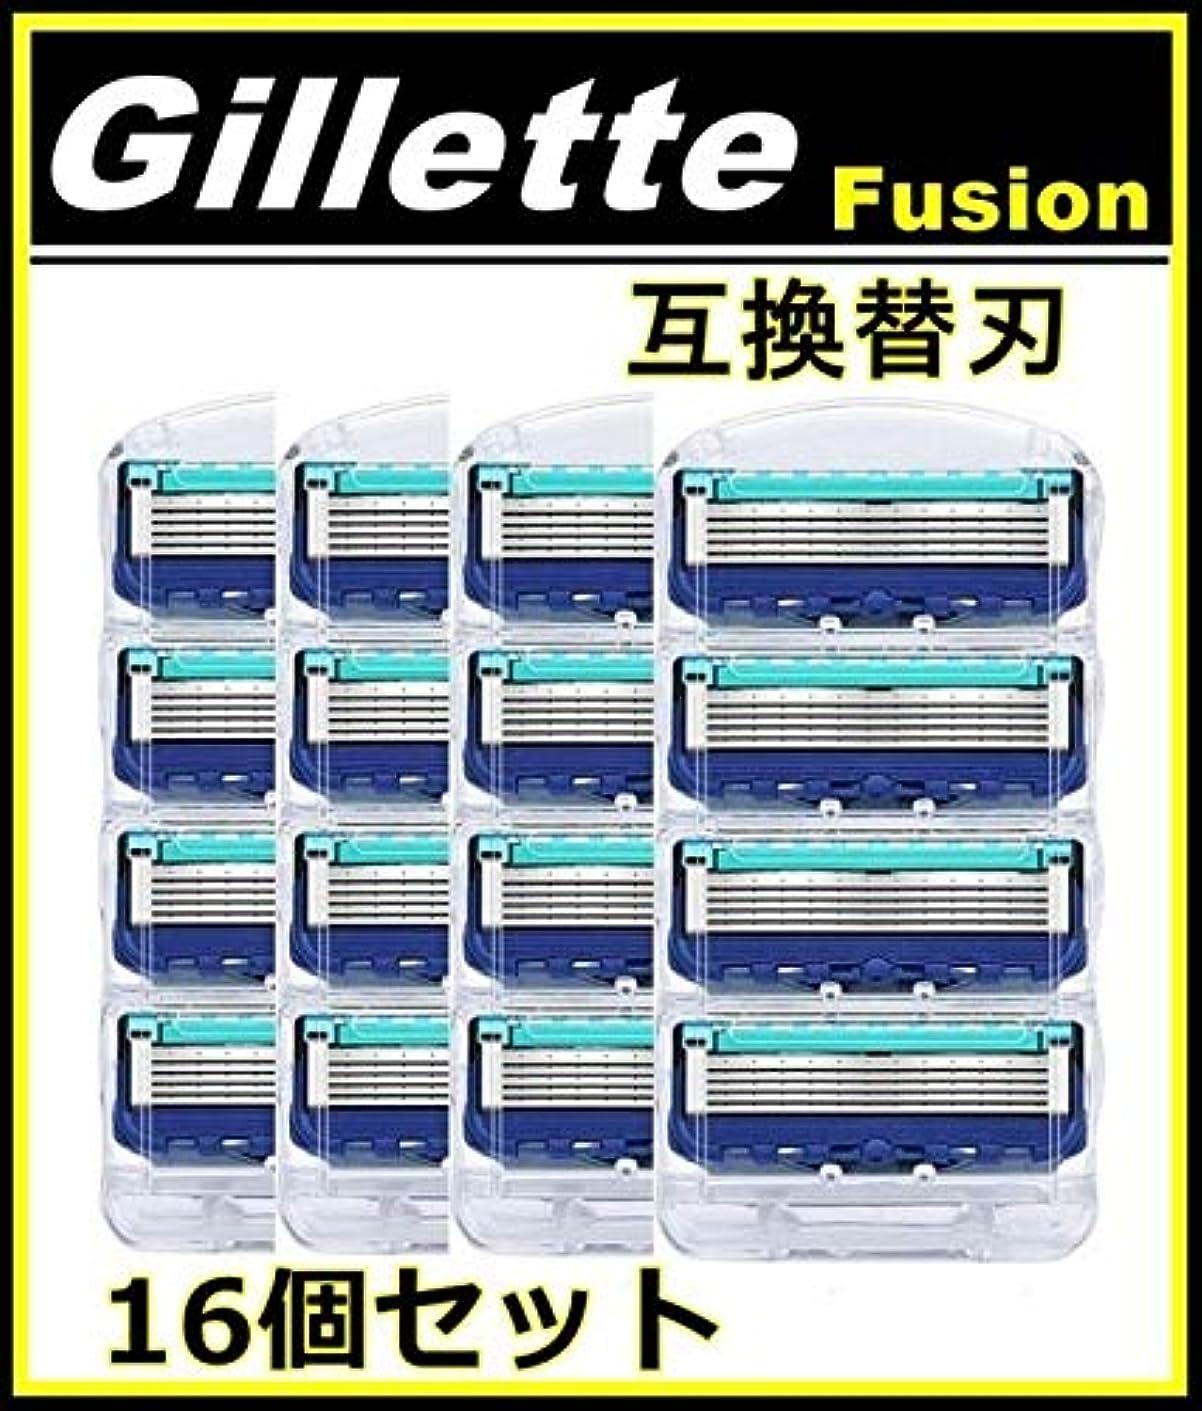 満員反対に指定するジレット フュージョン用 替刃 互換品 4セット 16個 髭剃り Gillette Fusion プログライド パワー 替え刃 ブルー